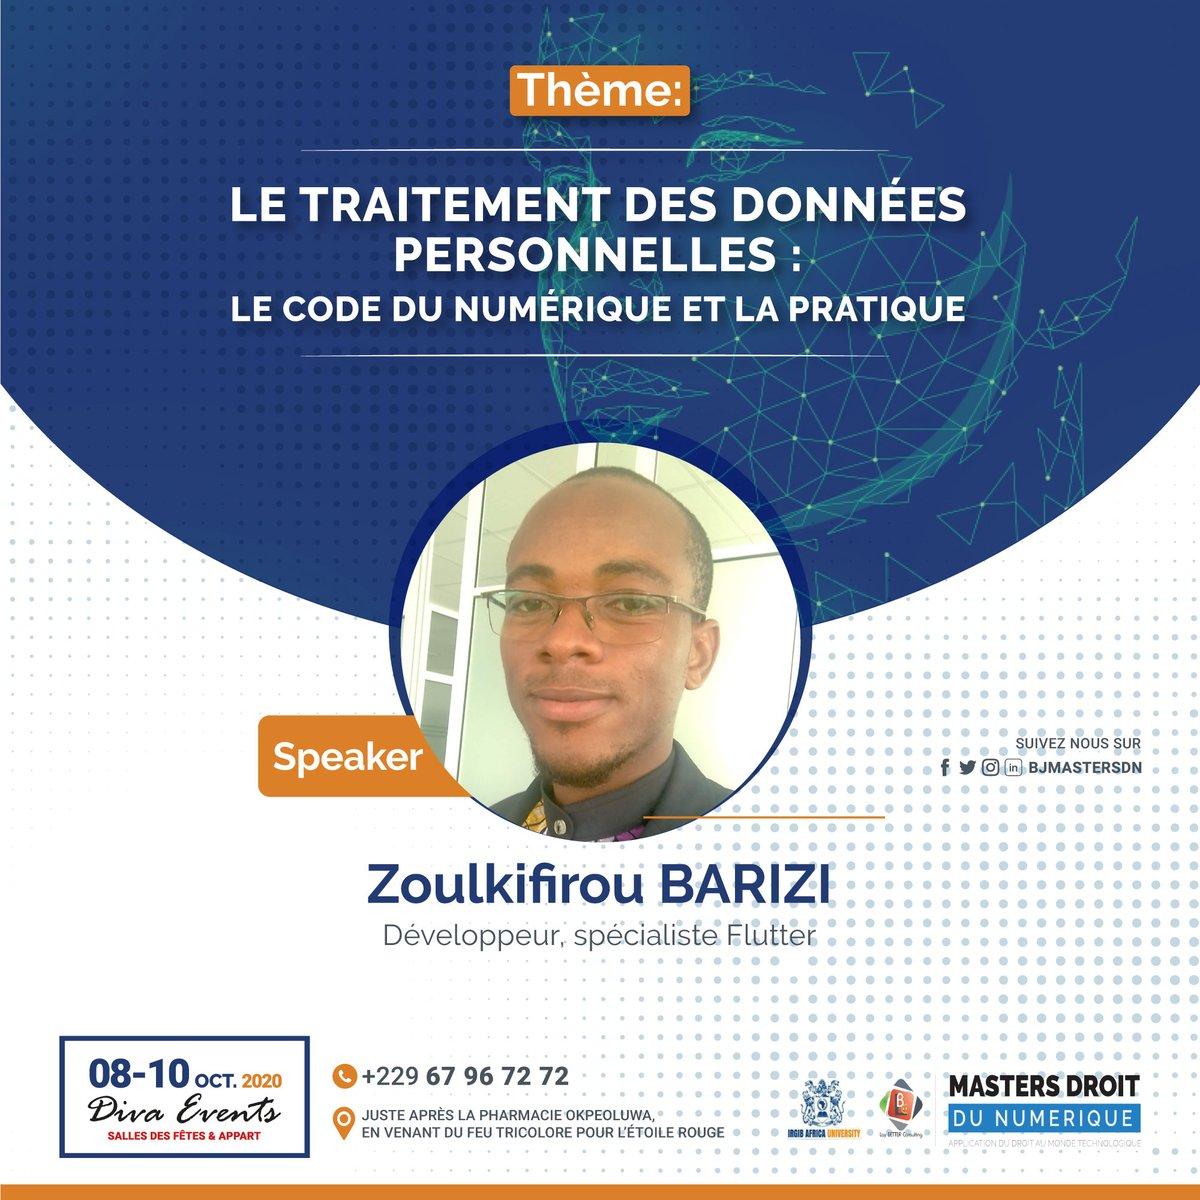 Zoul BARIZI est développeur et intégrateur de solutions web et mobile. Porte d'entrée de la collecte des données, il nous dira quelle place est faite à la thématique dans les milieux du coding. Obtenez votre pass maintenant 👉https://t.co/Aay8Dg9b8X #droitnumerique #BJMasterDN https://t.co/OK4A5QGMth